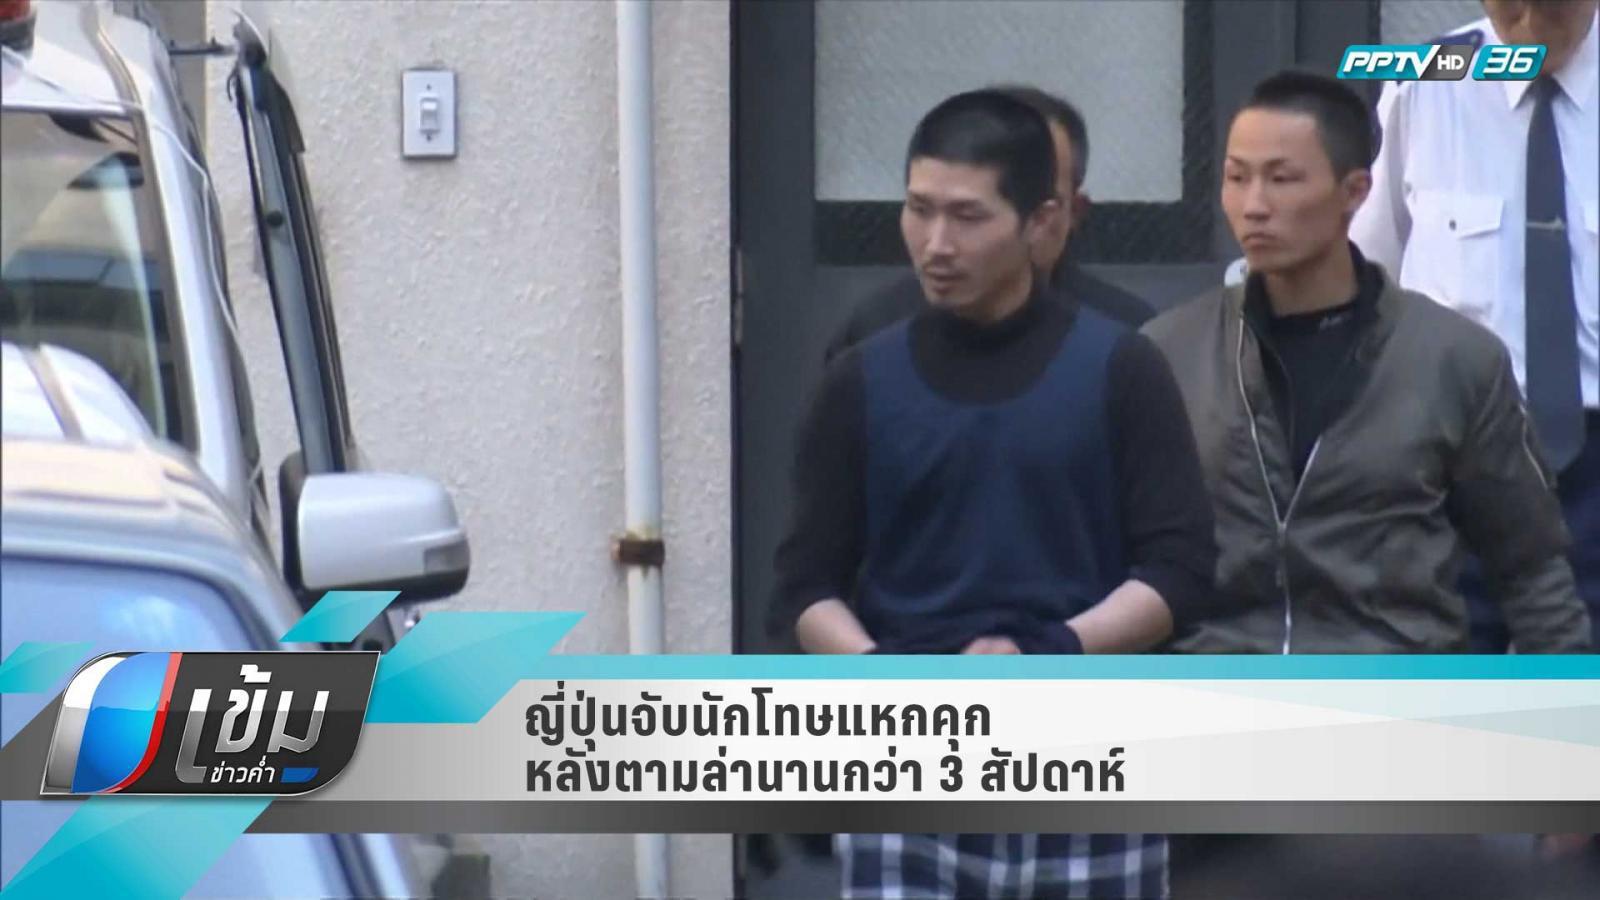 ญี่ปุ่นจับนักโทษแหกคุก หลังตามล่านานกว่า 3 สัปดาห์